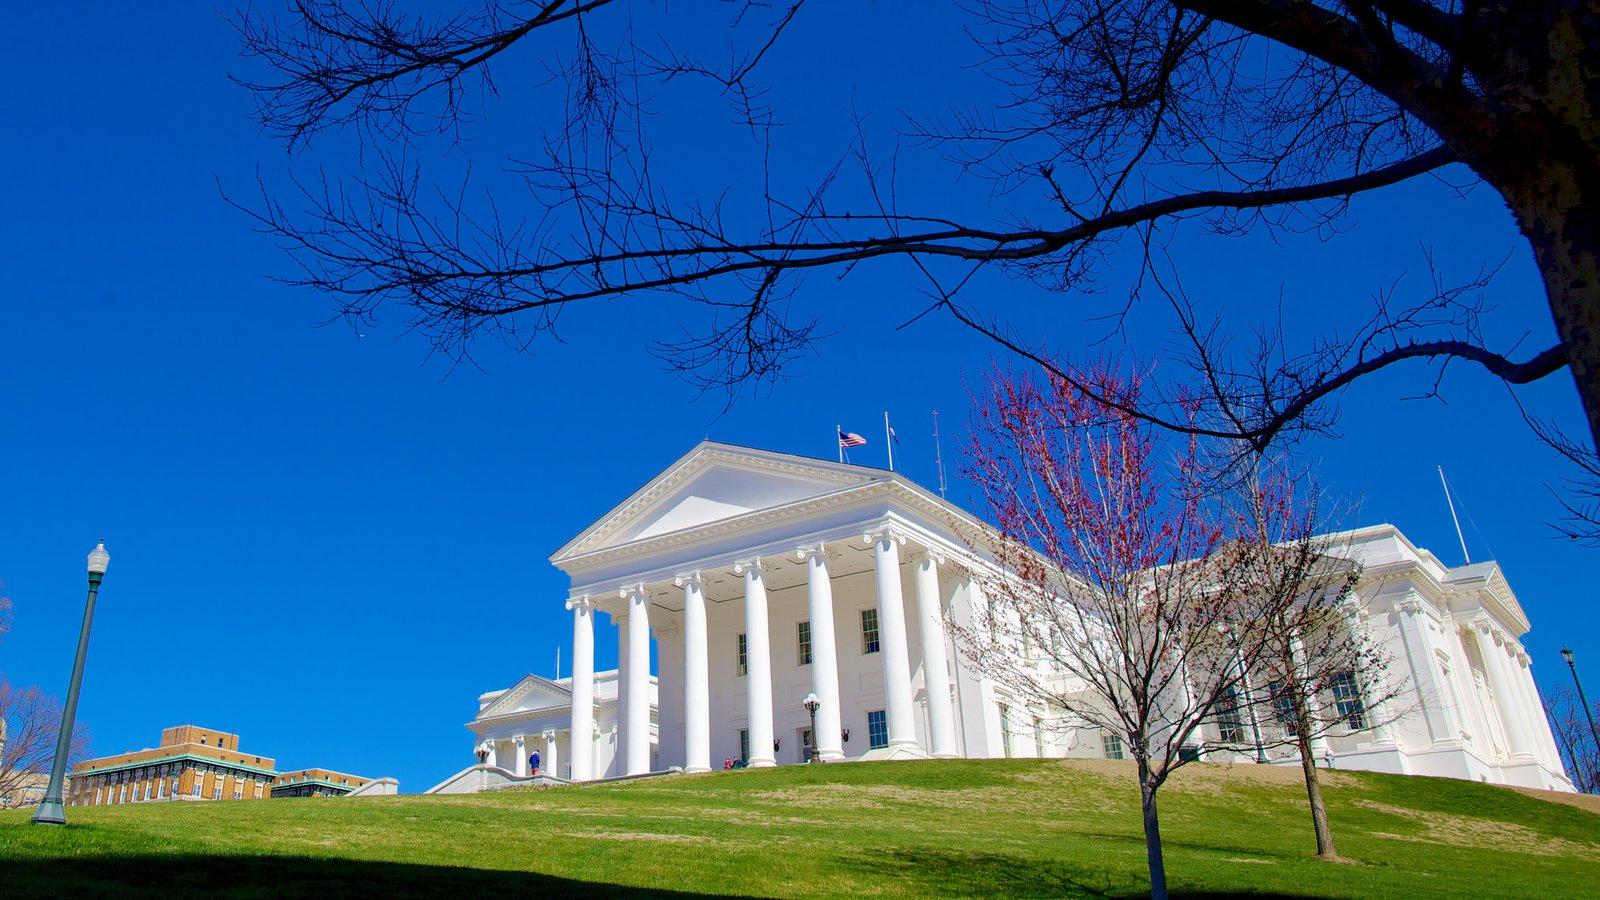 Capitólio Estadual da Virgínia mostrando uma cidade e arquitetura de patrimônio